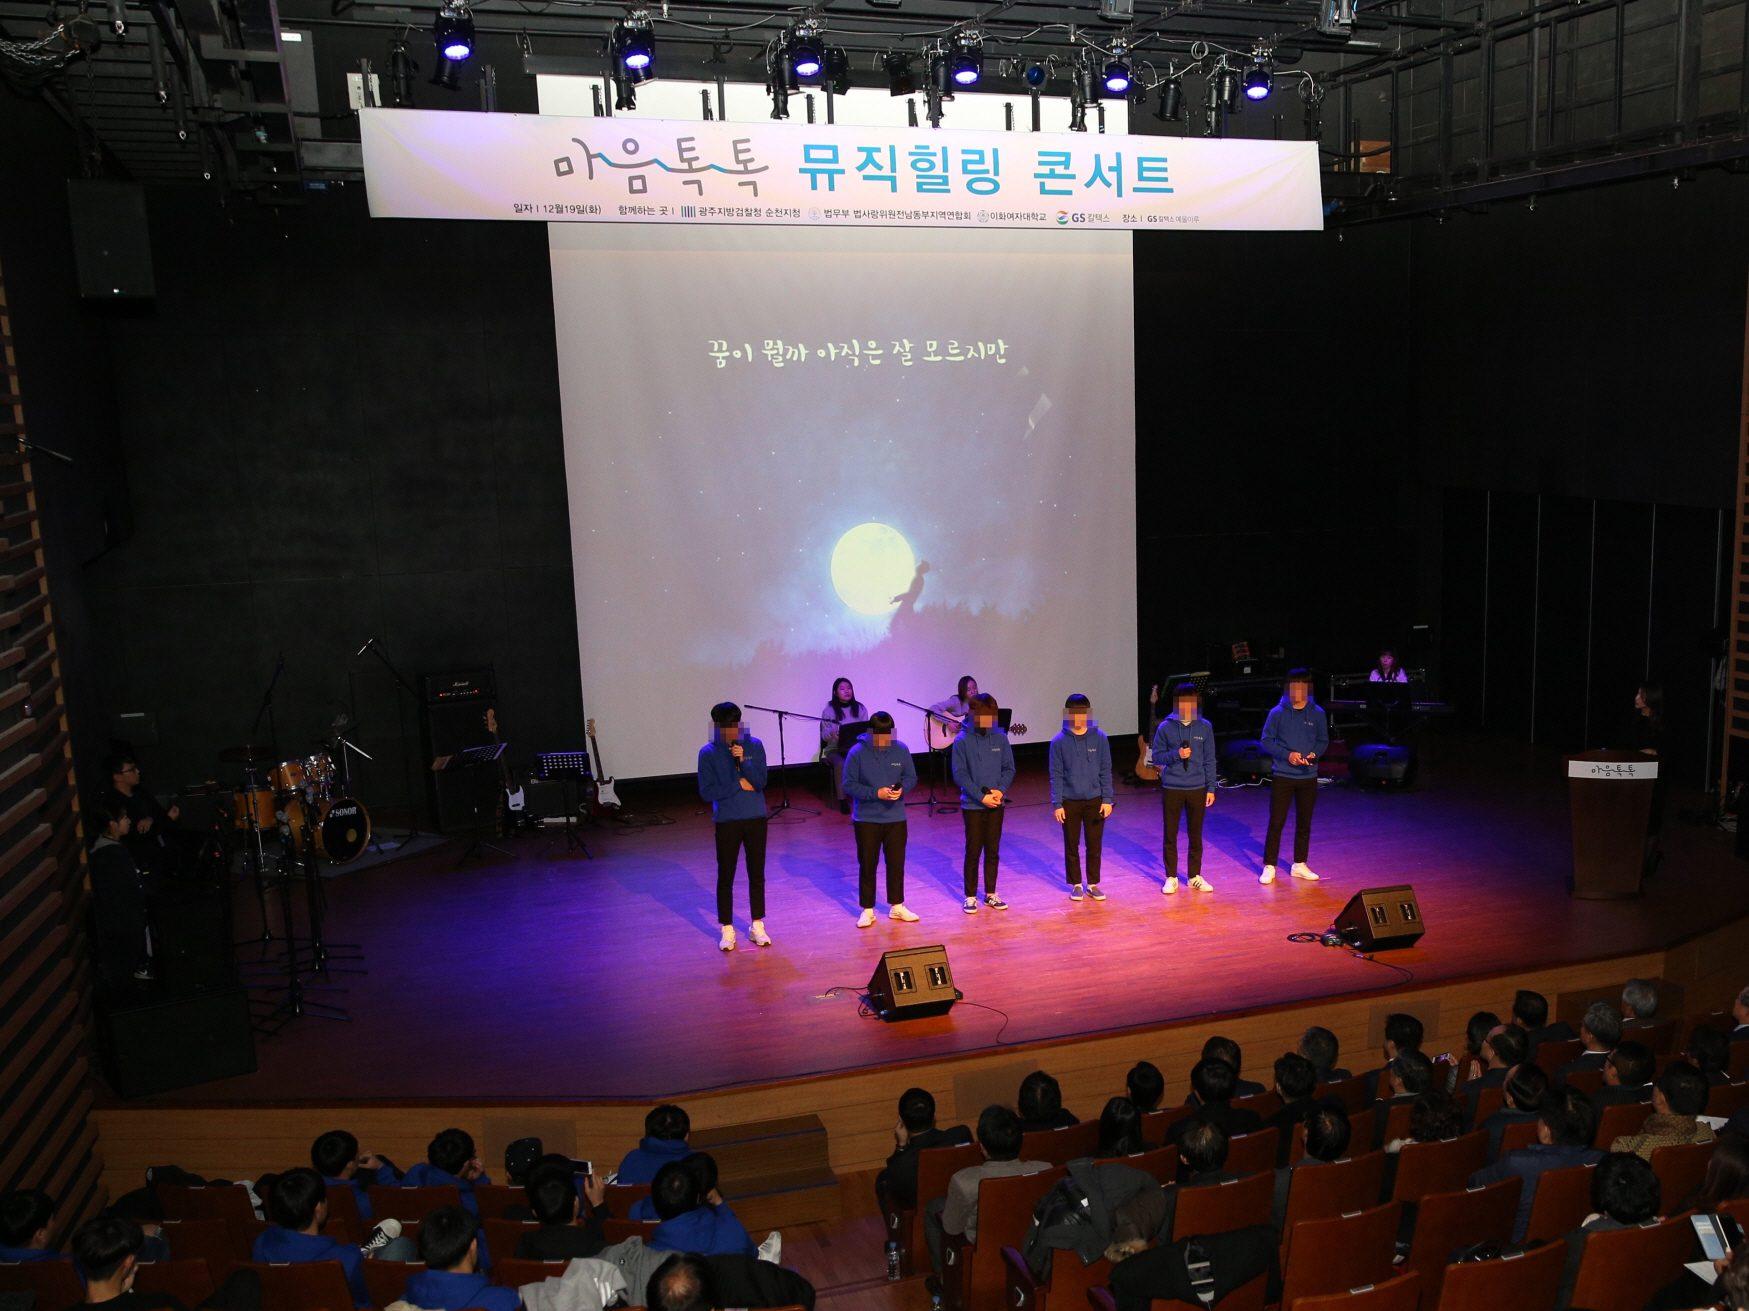 GS칼텍스, 위기청소년 마음톡톡 발표회 개최, 전남동부지역 위기청소년 마음톡톡 뮤직힐링 콘서트